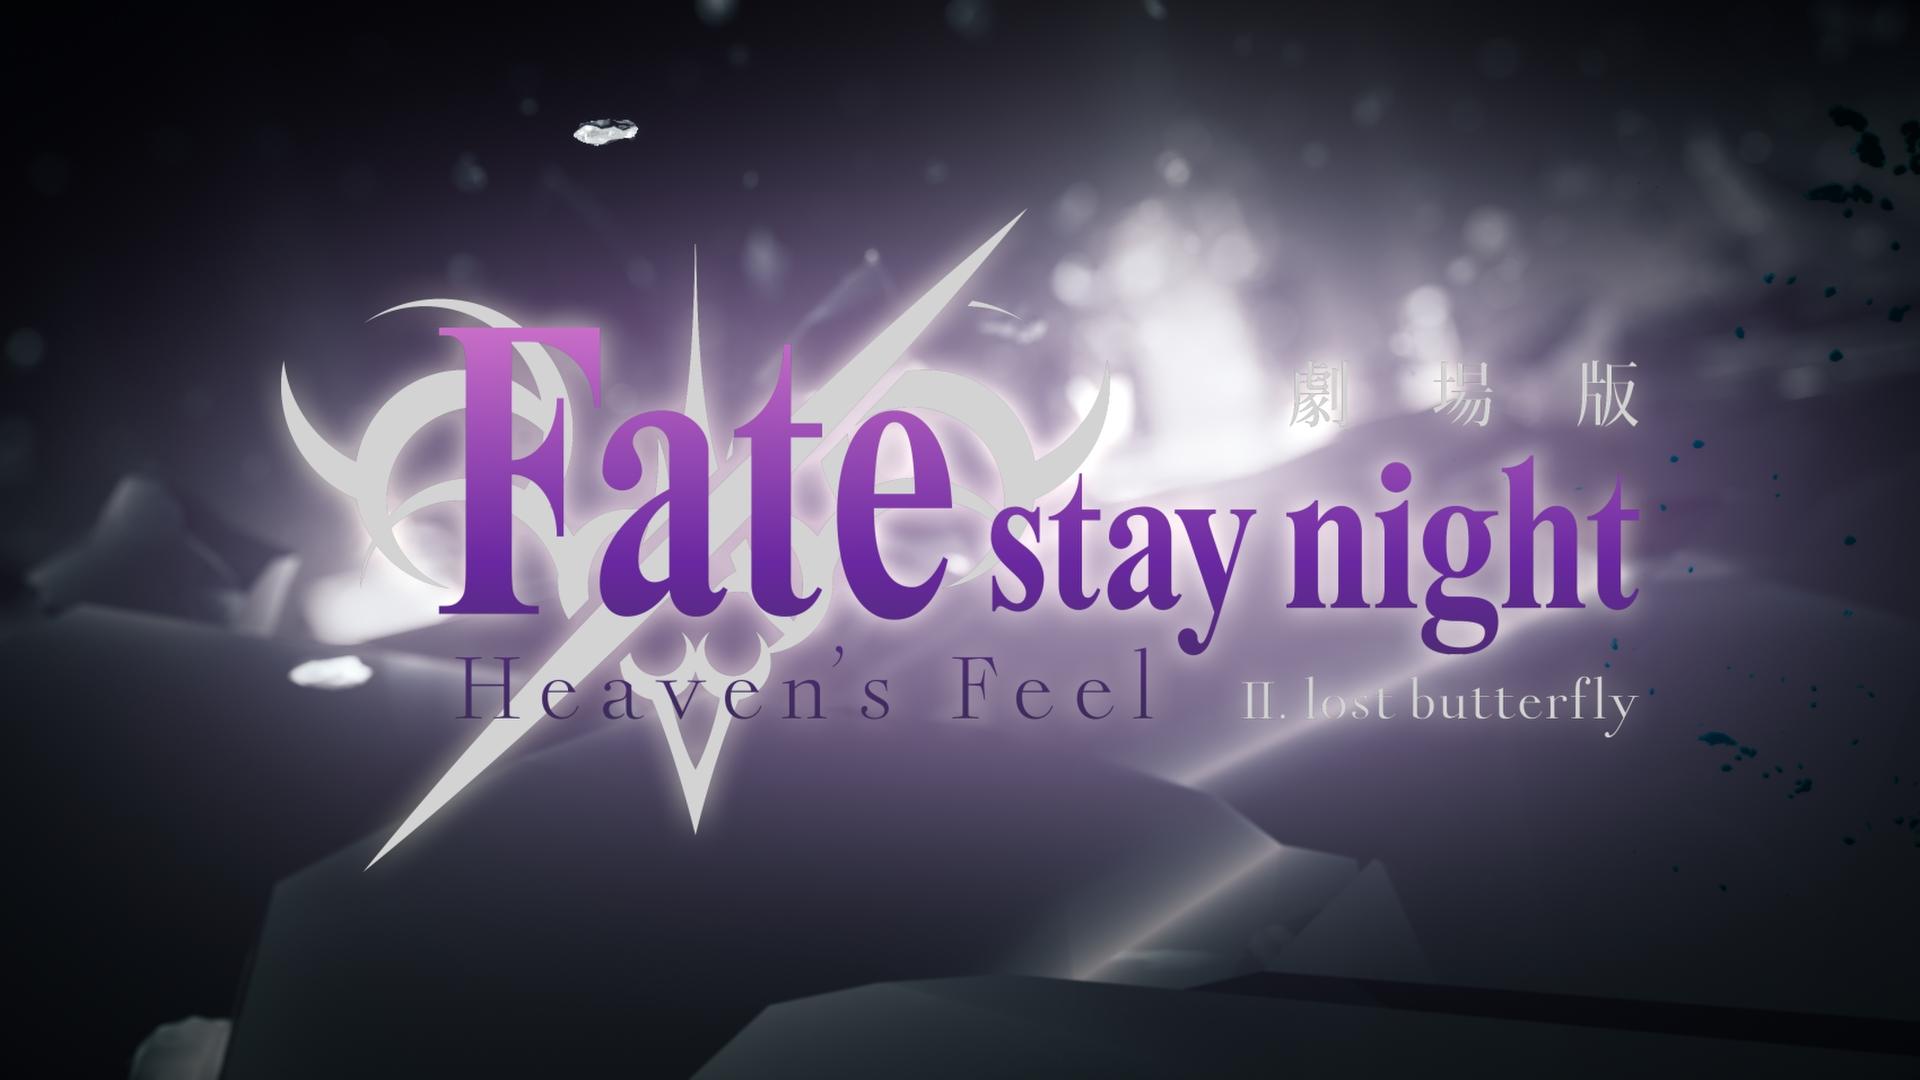 Fate Stay Night Heaven S Feel Ii Lost Butterfly 2019 Photo Gallery Imdb